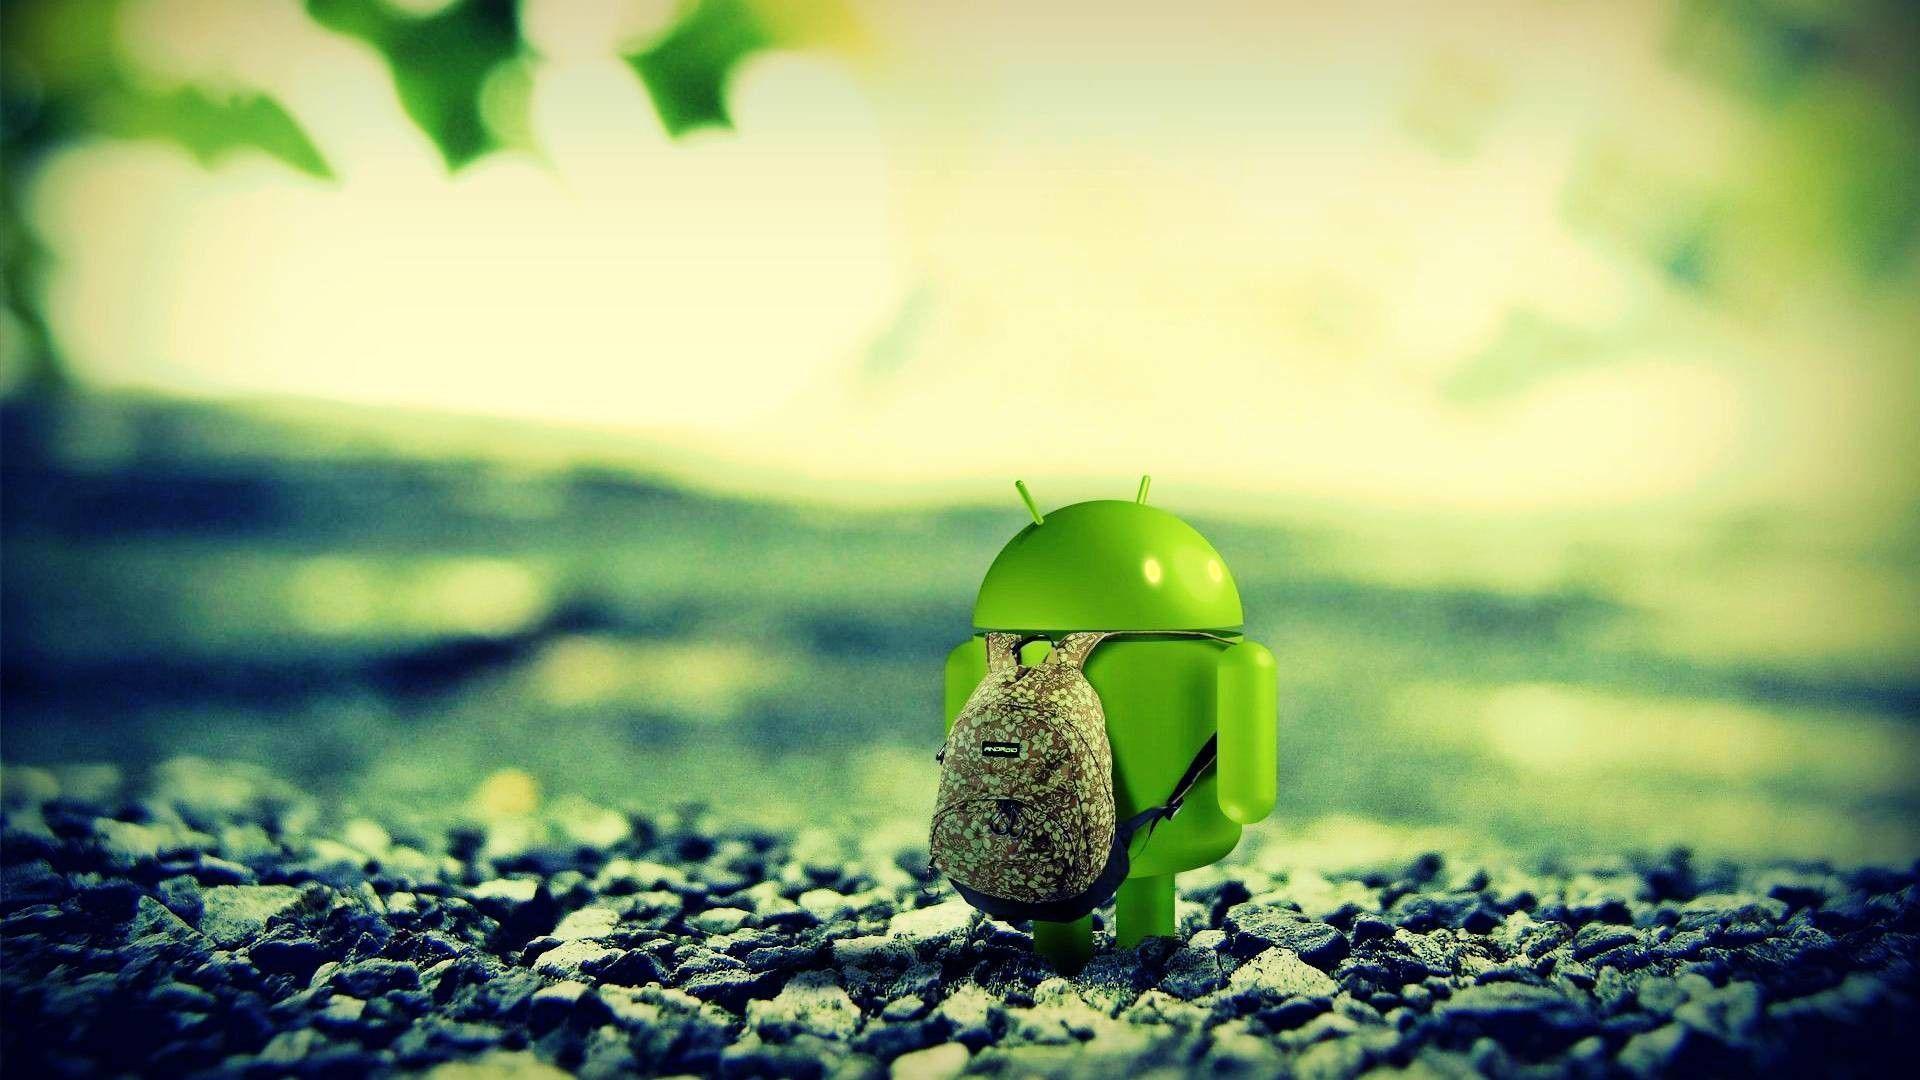 Hình nền HD cho máy tính bảng Android 1920x1080